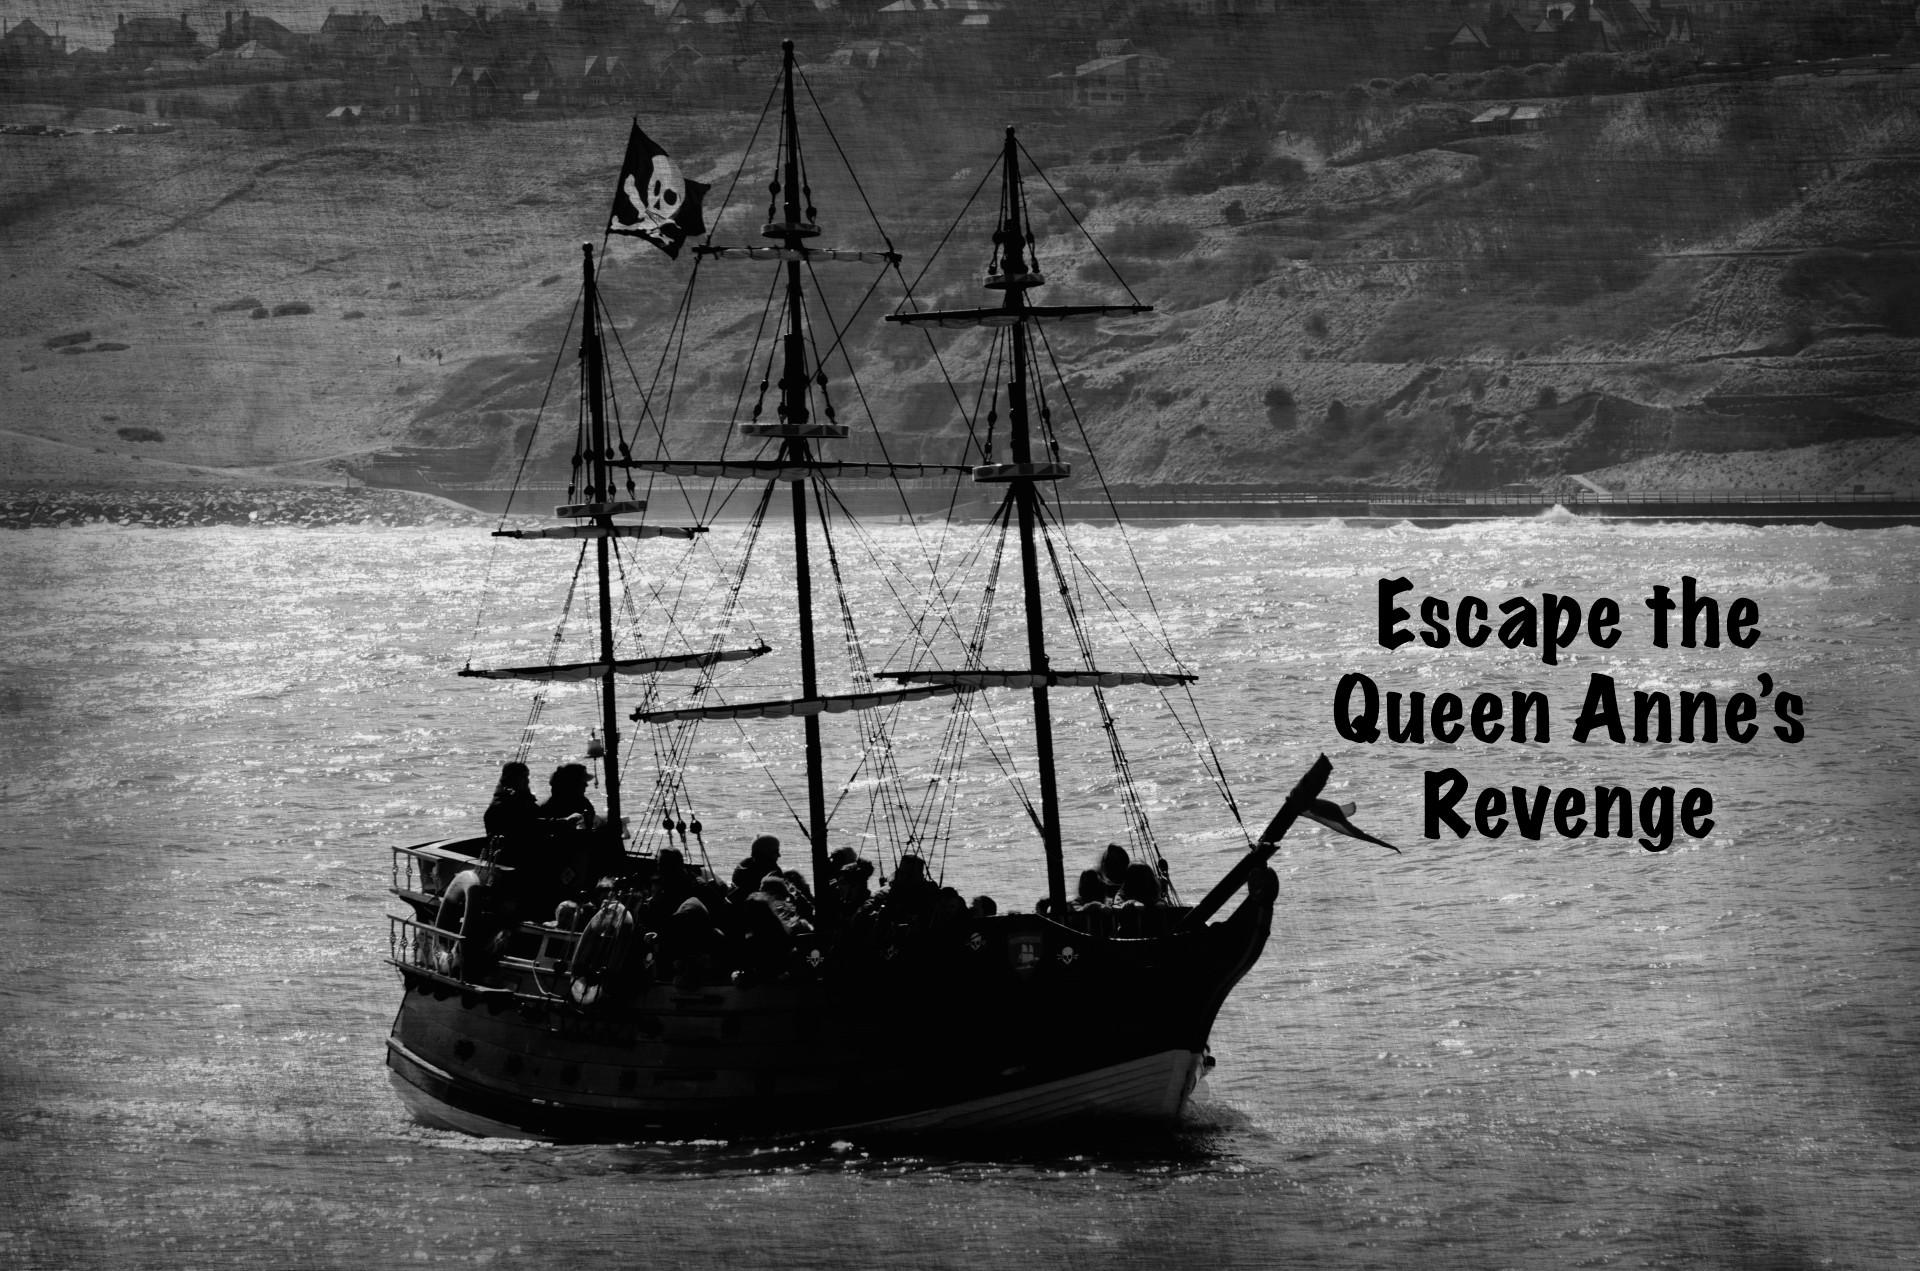 pirate-ship-at-sea-1367064006vPA.jpg